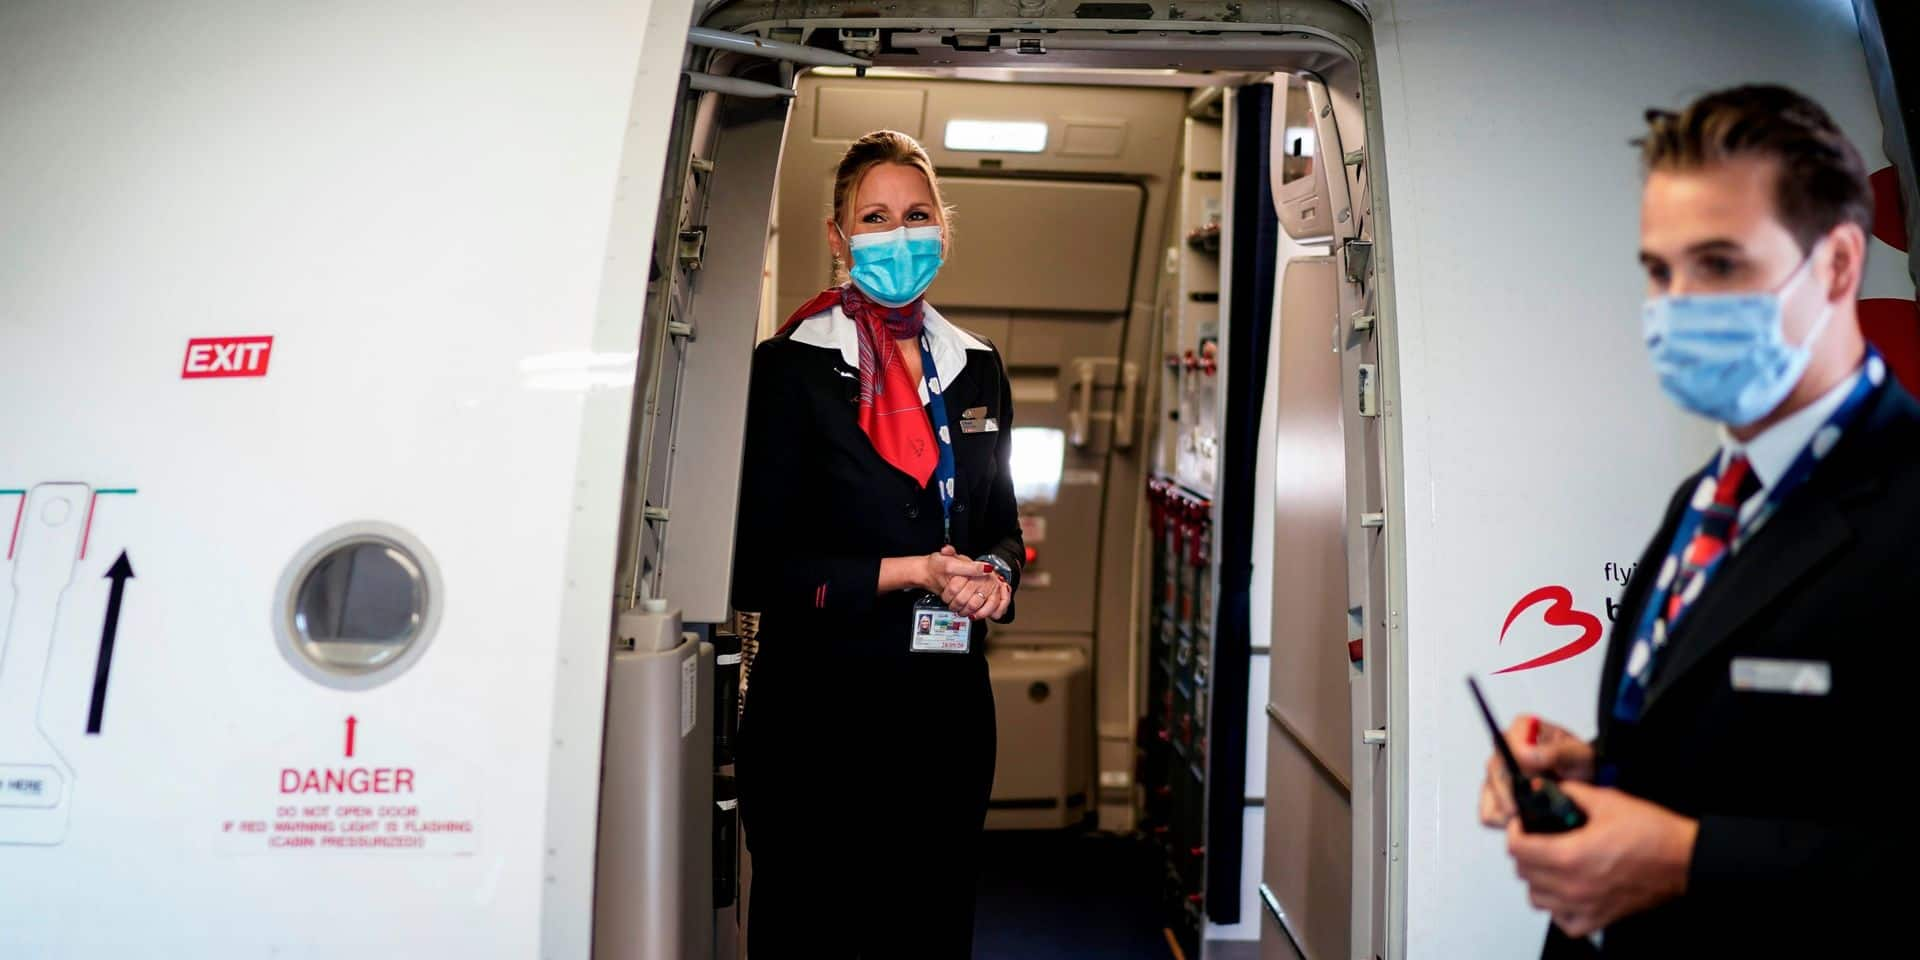 Peu de passagers testés positifs aux contrôles de température à Brussels Airport